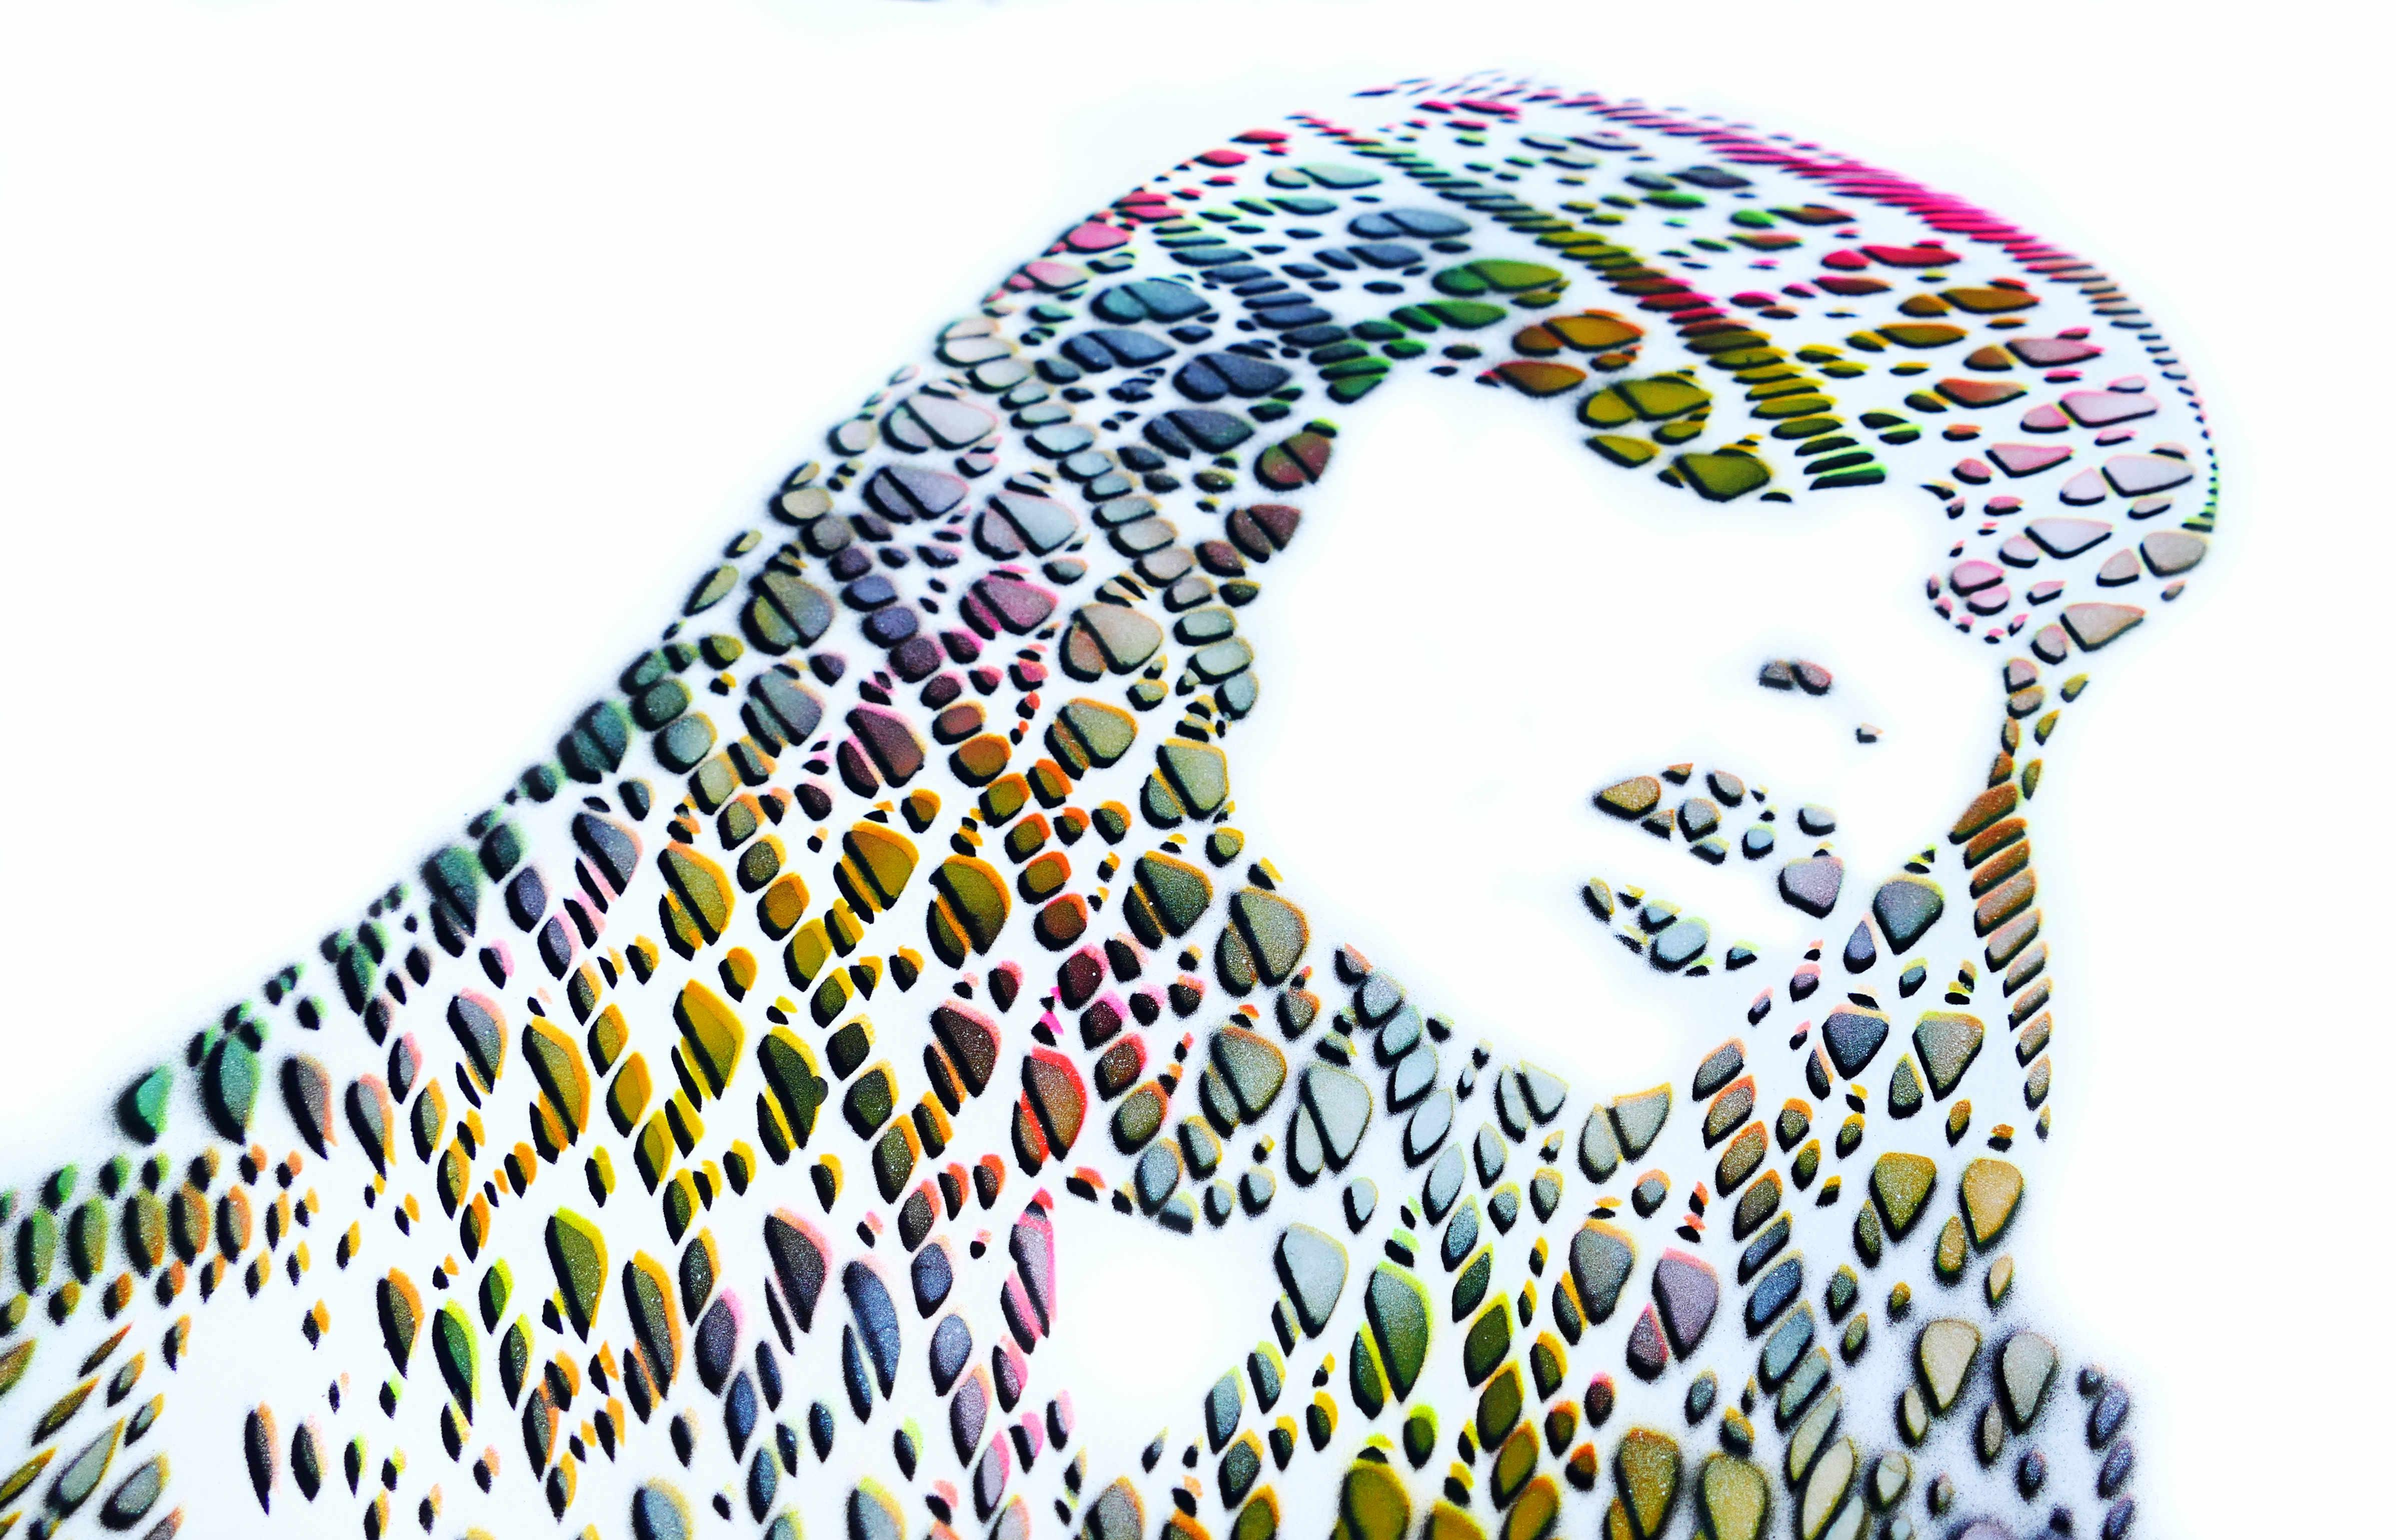 Graffiti Stencil Kunst